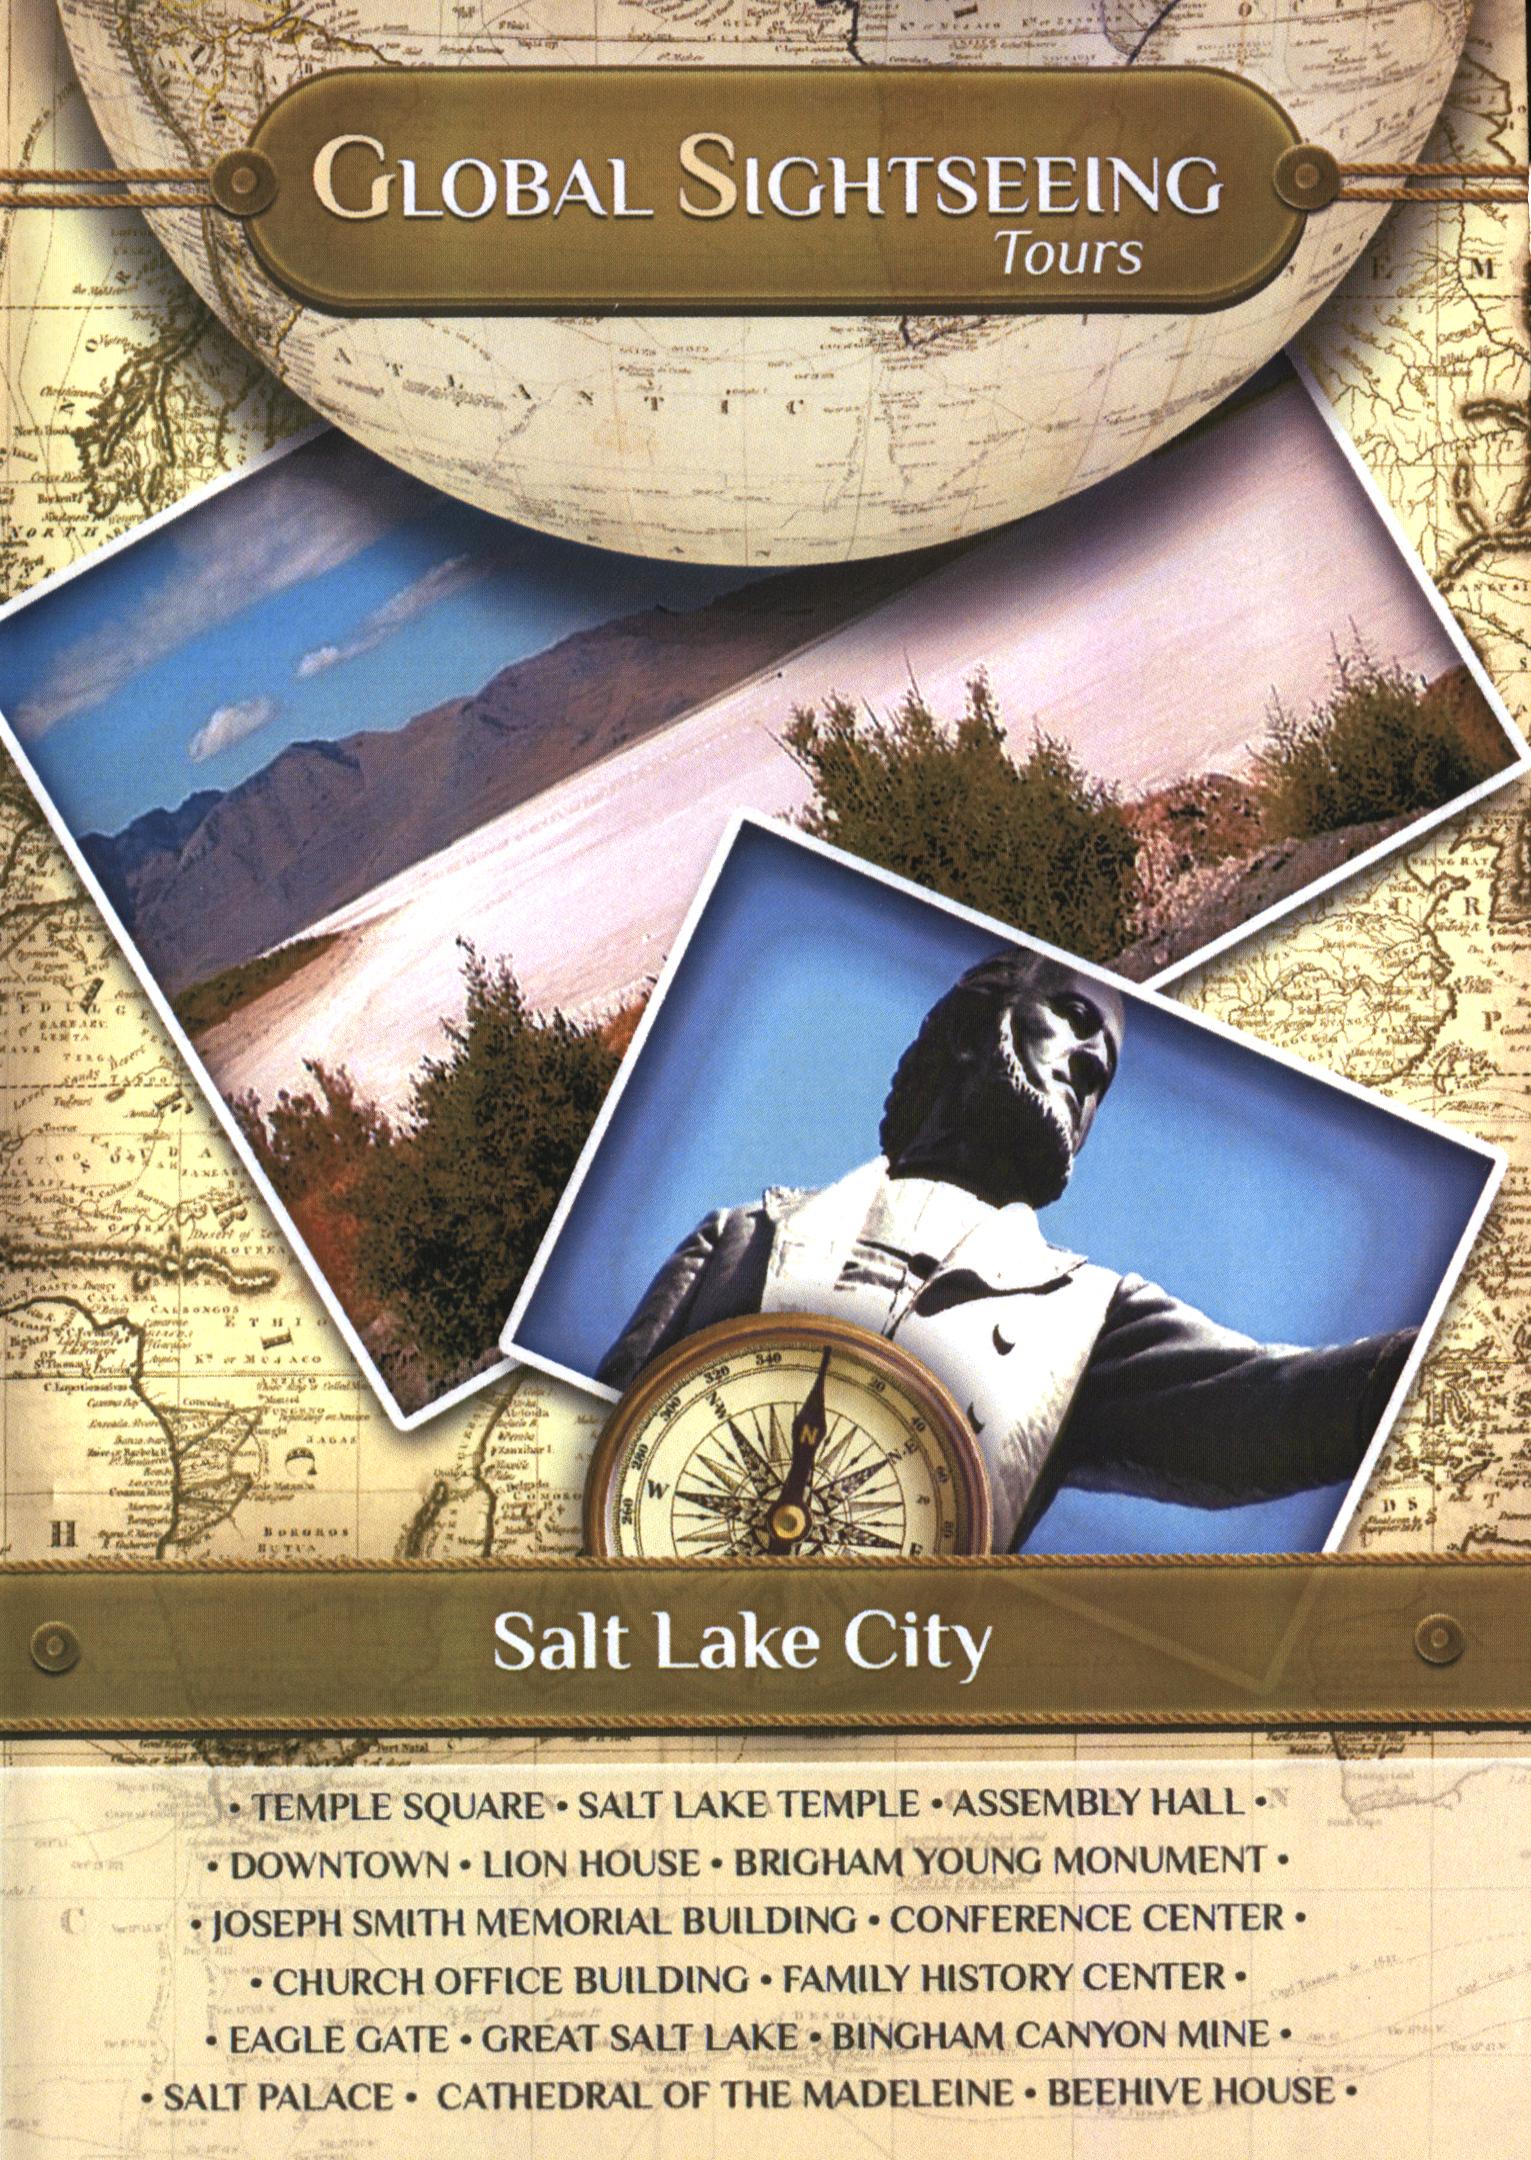 Global Sightseeing Tours: Salt Lake City